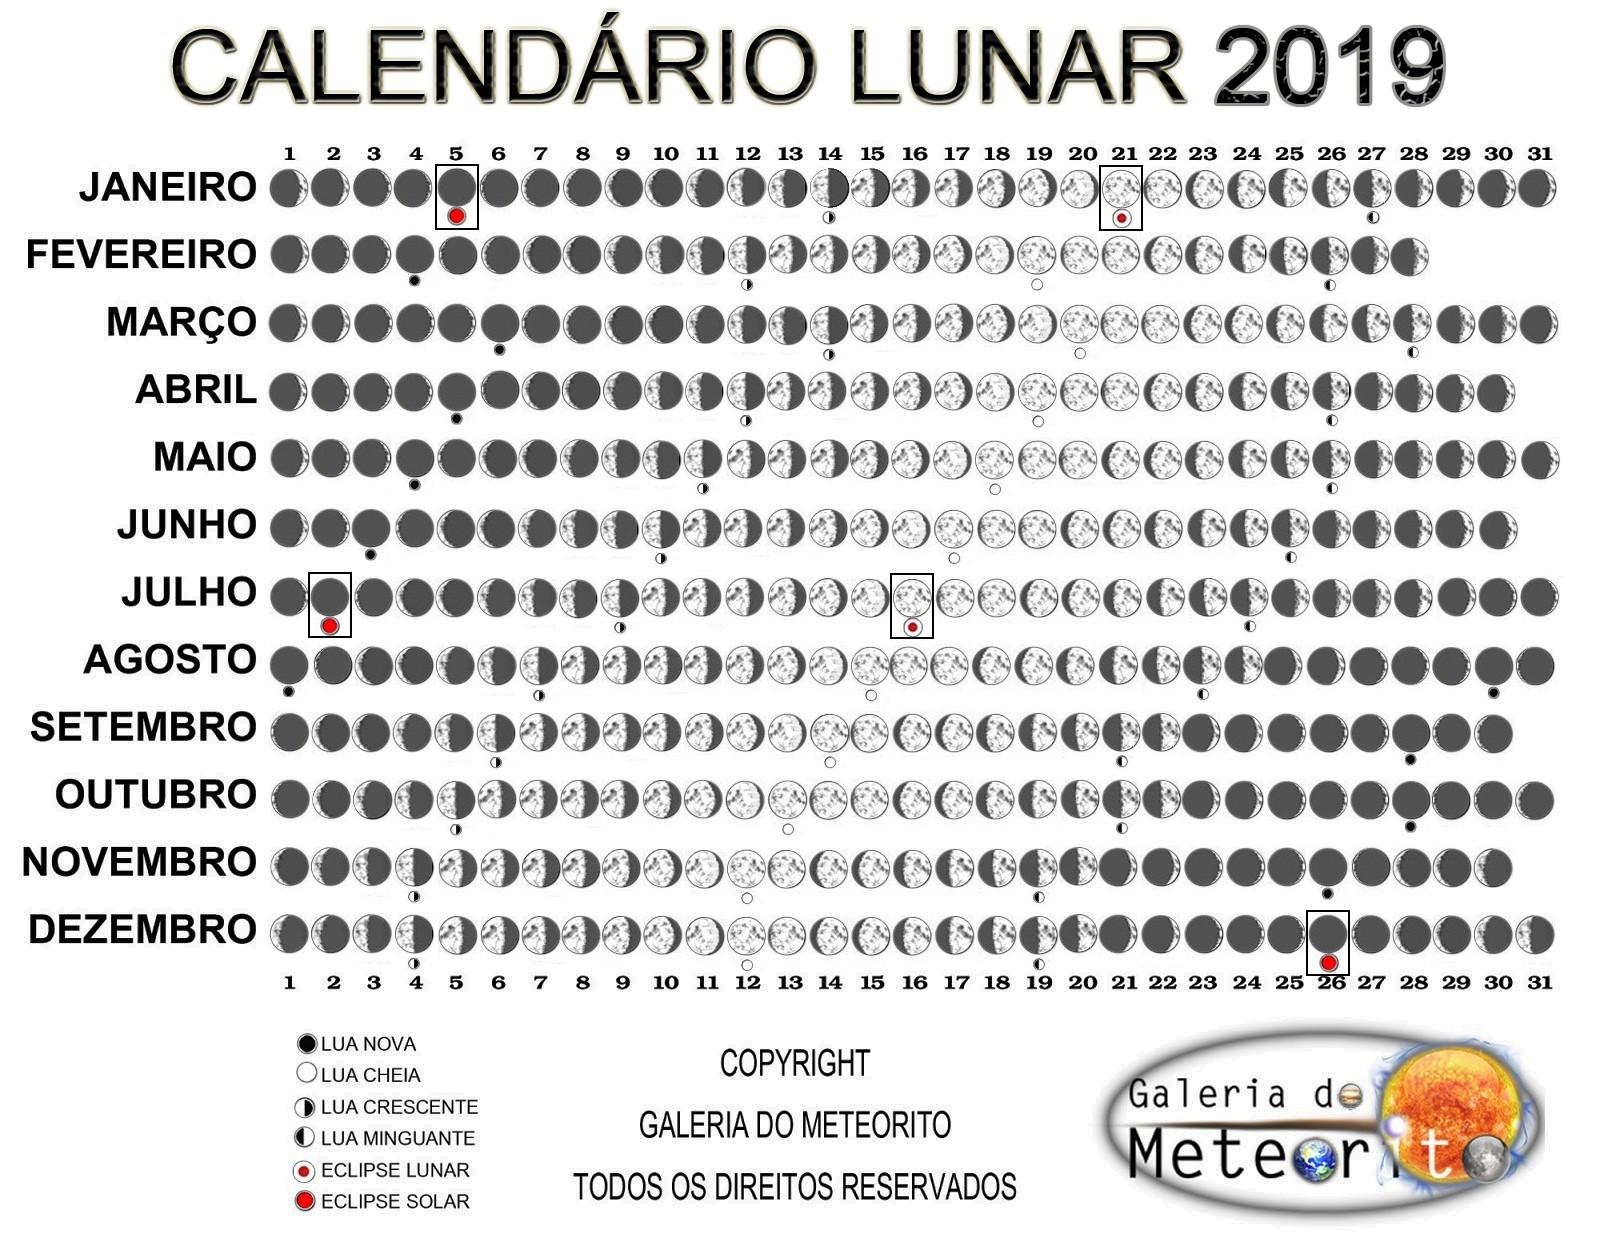 Calendario Lunar 2019 Solanayodhyaco